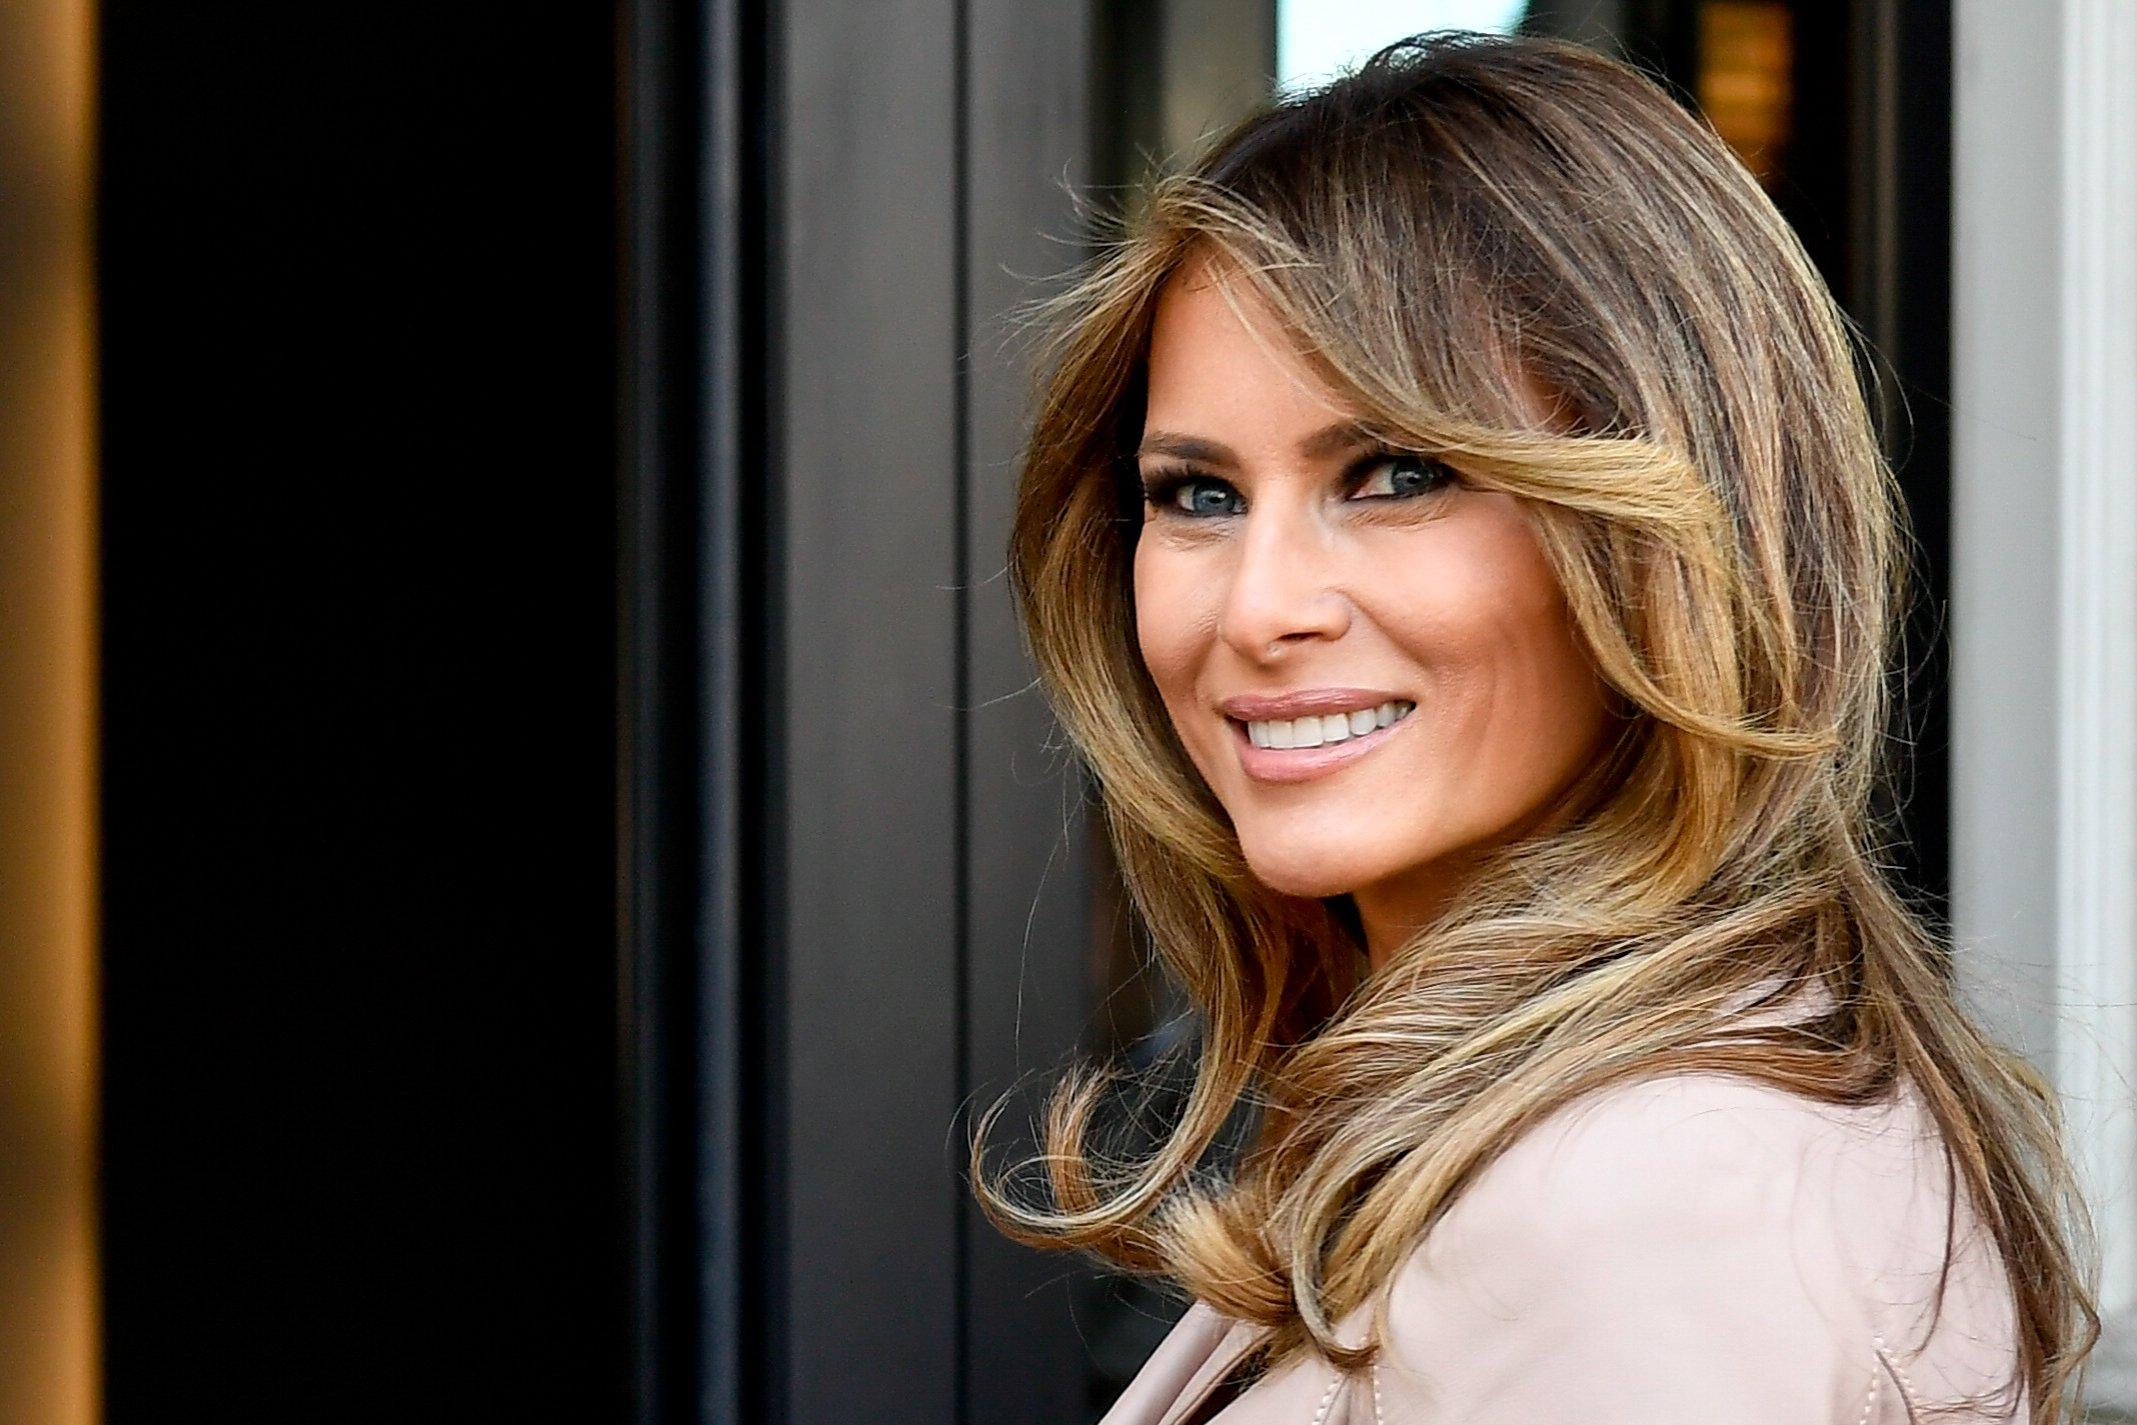 Мелания Трамп прокомментировала слухи оневерности мужа